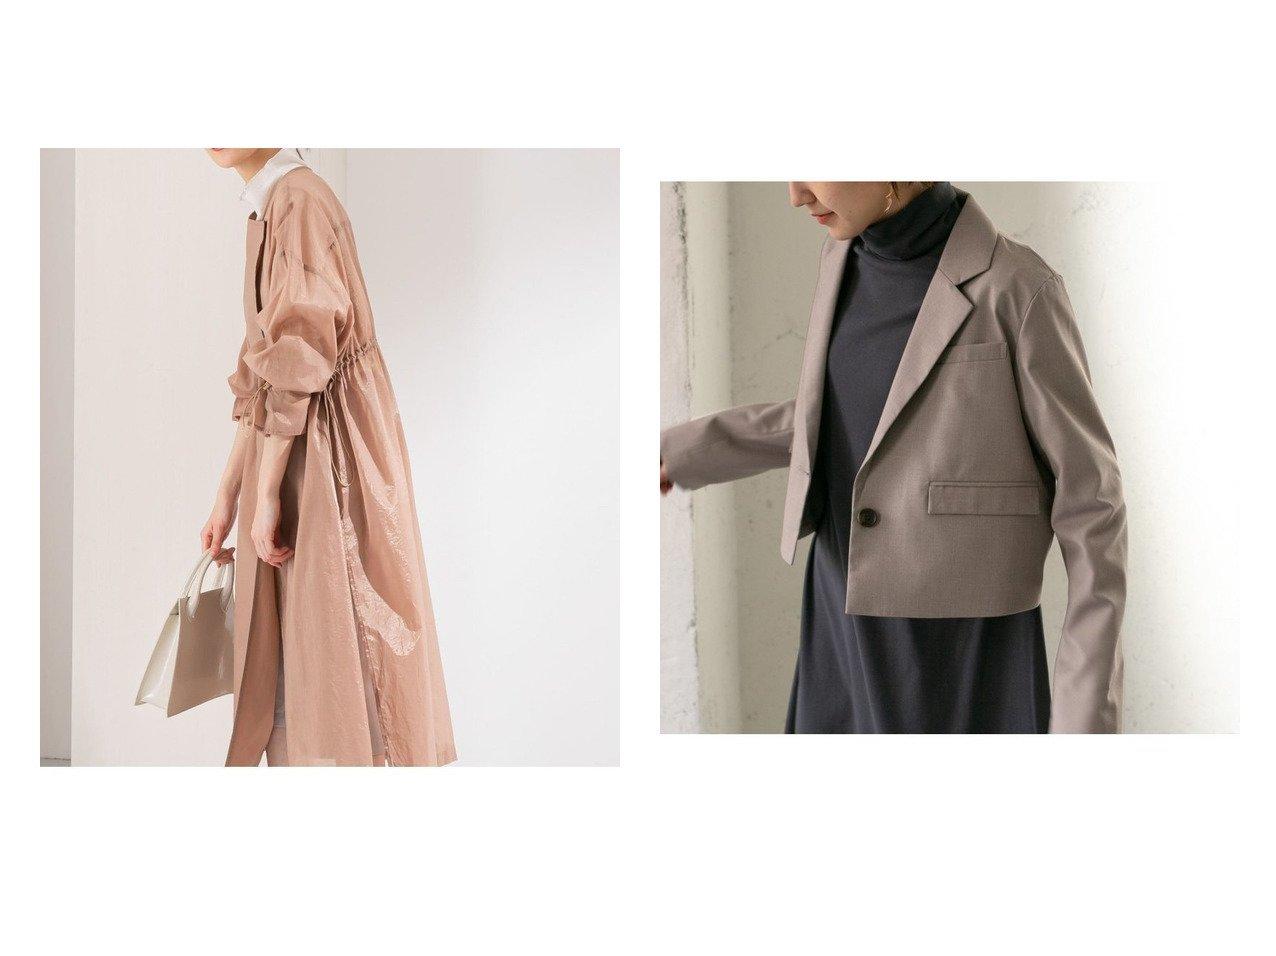 【KBF / URBAN RESEARCH/ケービーエフ】のショートテーラードジャケット&デザインスリーブドロストシアーコート 【アウター】おすすめ!人気、トレンド・レディースファッションの通販 おすすめで人気の流行・トレンド、ファッションの通販商品 メンズファッション・キッズファッション・インテリア・家具・レディースファッション・服の通販 founy(ファニー) https://founy.com/ ファッション Fashion レディースファッション WOMEN アウター Coat Outerwear コート Coats ジャケット Jackets テーラードジャケット Tailored Jackets おすすめ Recommend シアー ジャケット ドローコード ポケット レース 春 Spring 無地 カットソー ショート チュニック デニム トレンド バランス マニッシュ  ID:crp329100000027902